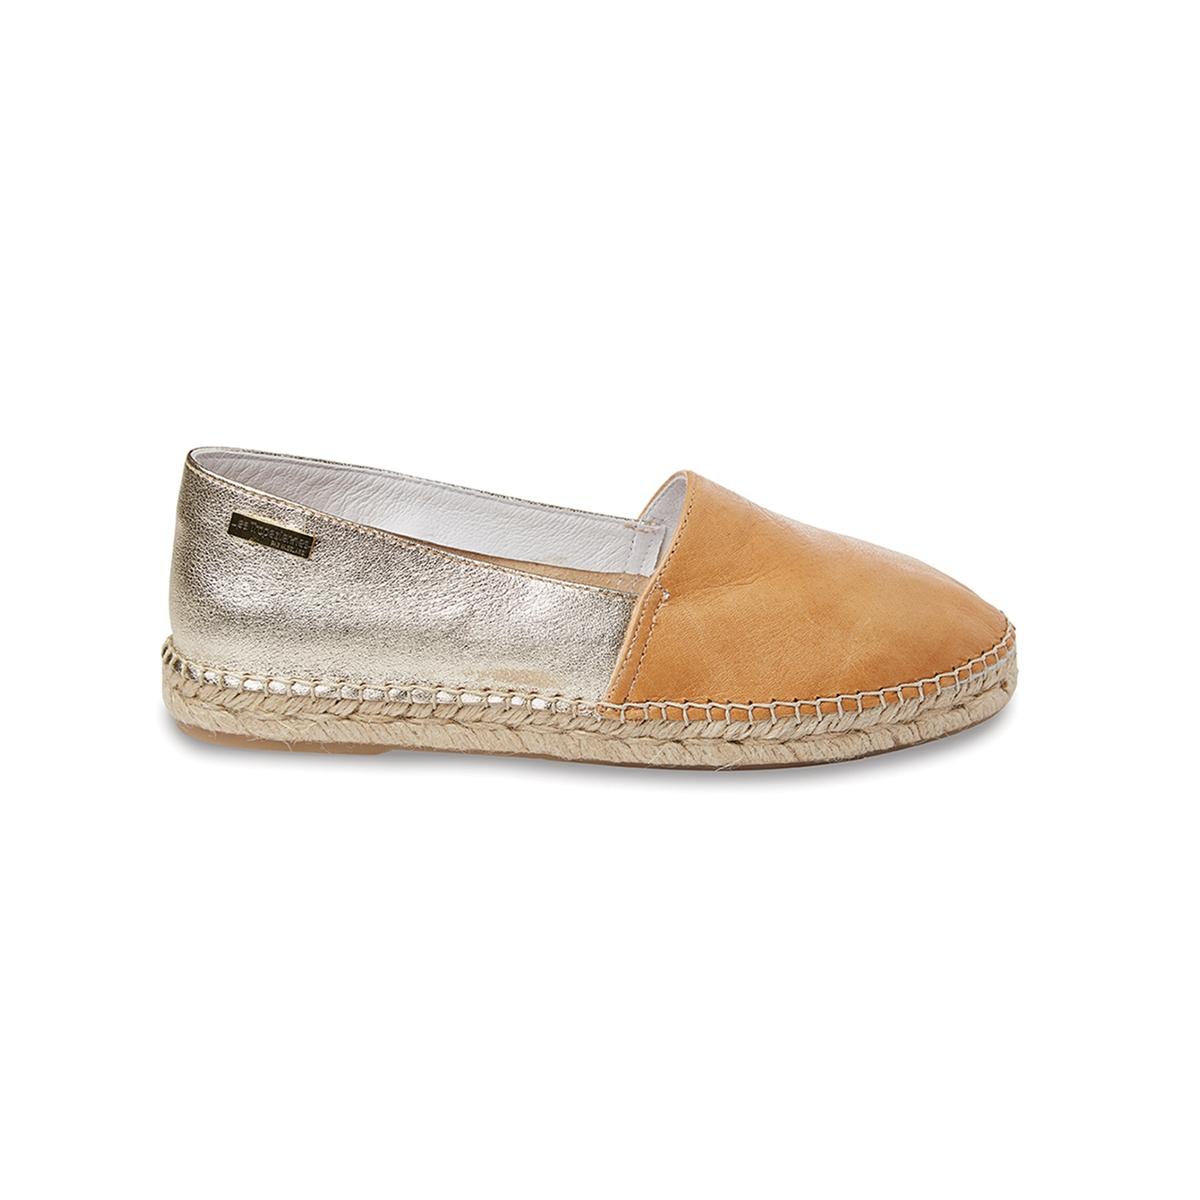 Туфли из кожи DoveВерх: кожа.   Стелька: кожа.  Подошва: синтетика.Форма каблука: плоский каблук.  Мысок: закругленный.Застежка: без застежки.<br><br>Цвет: Оранжевый/золотистый<br>Размер: 40